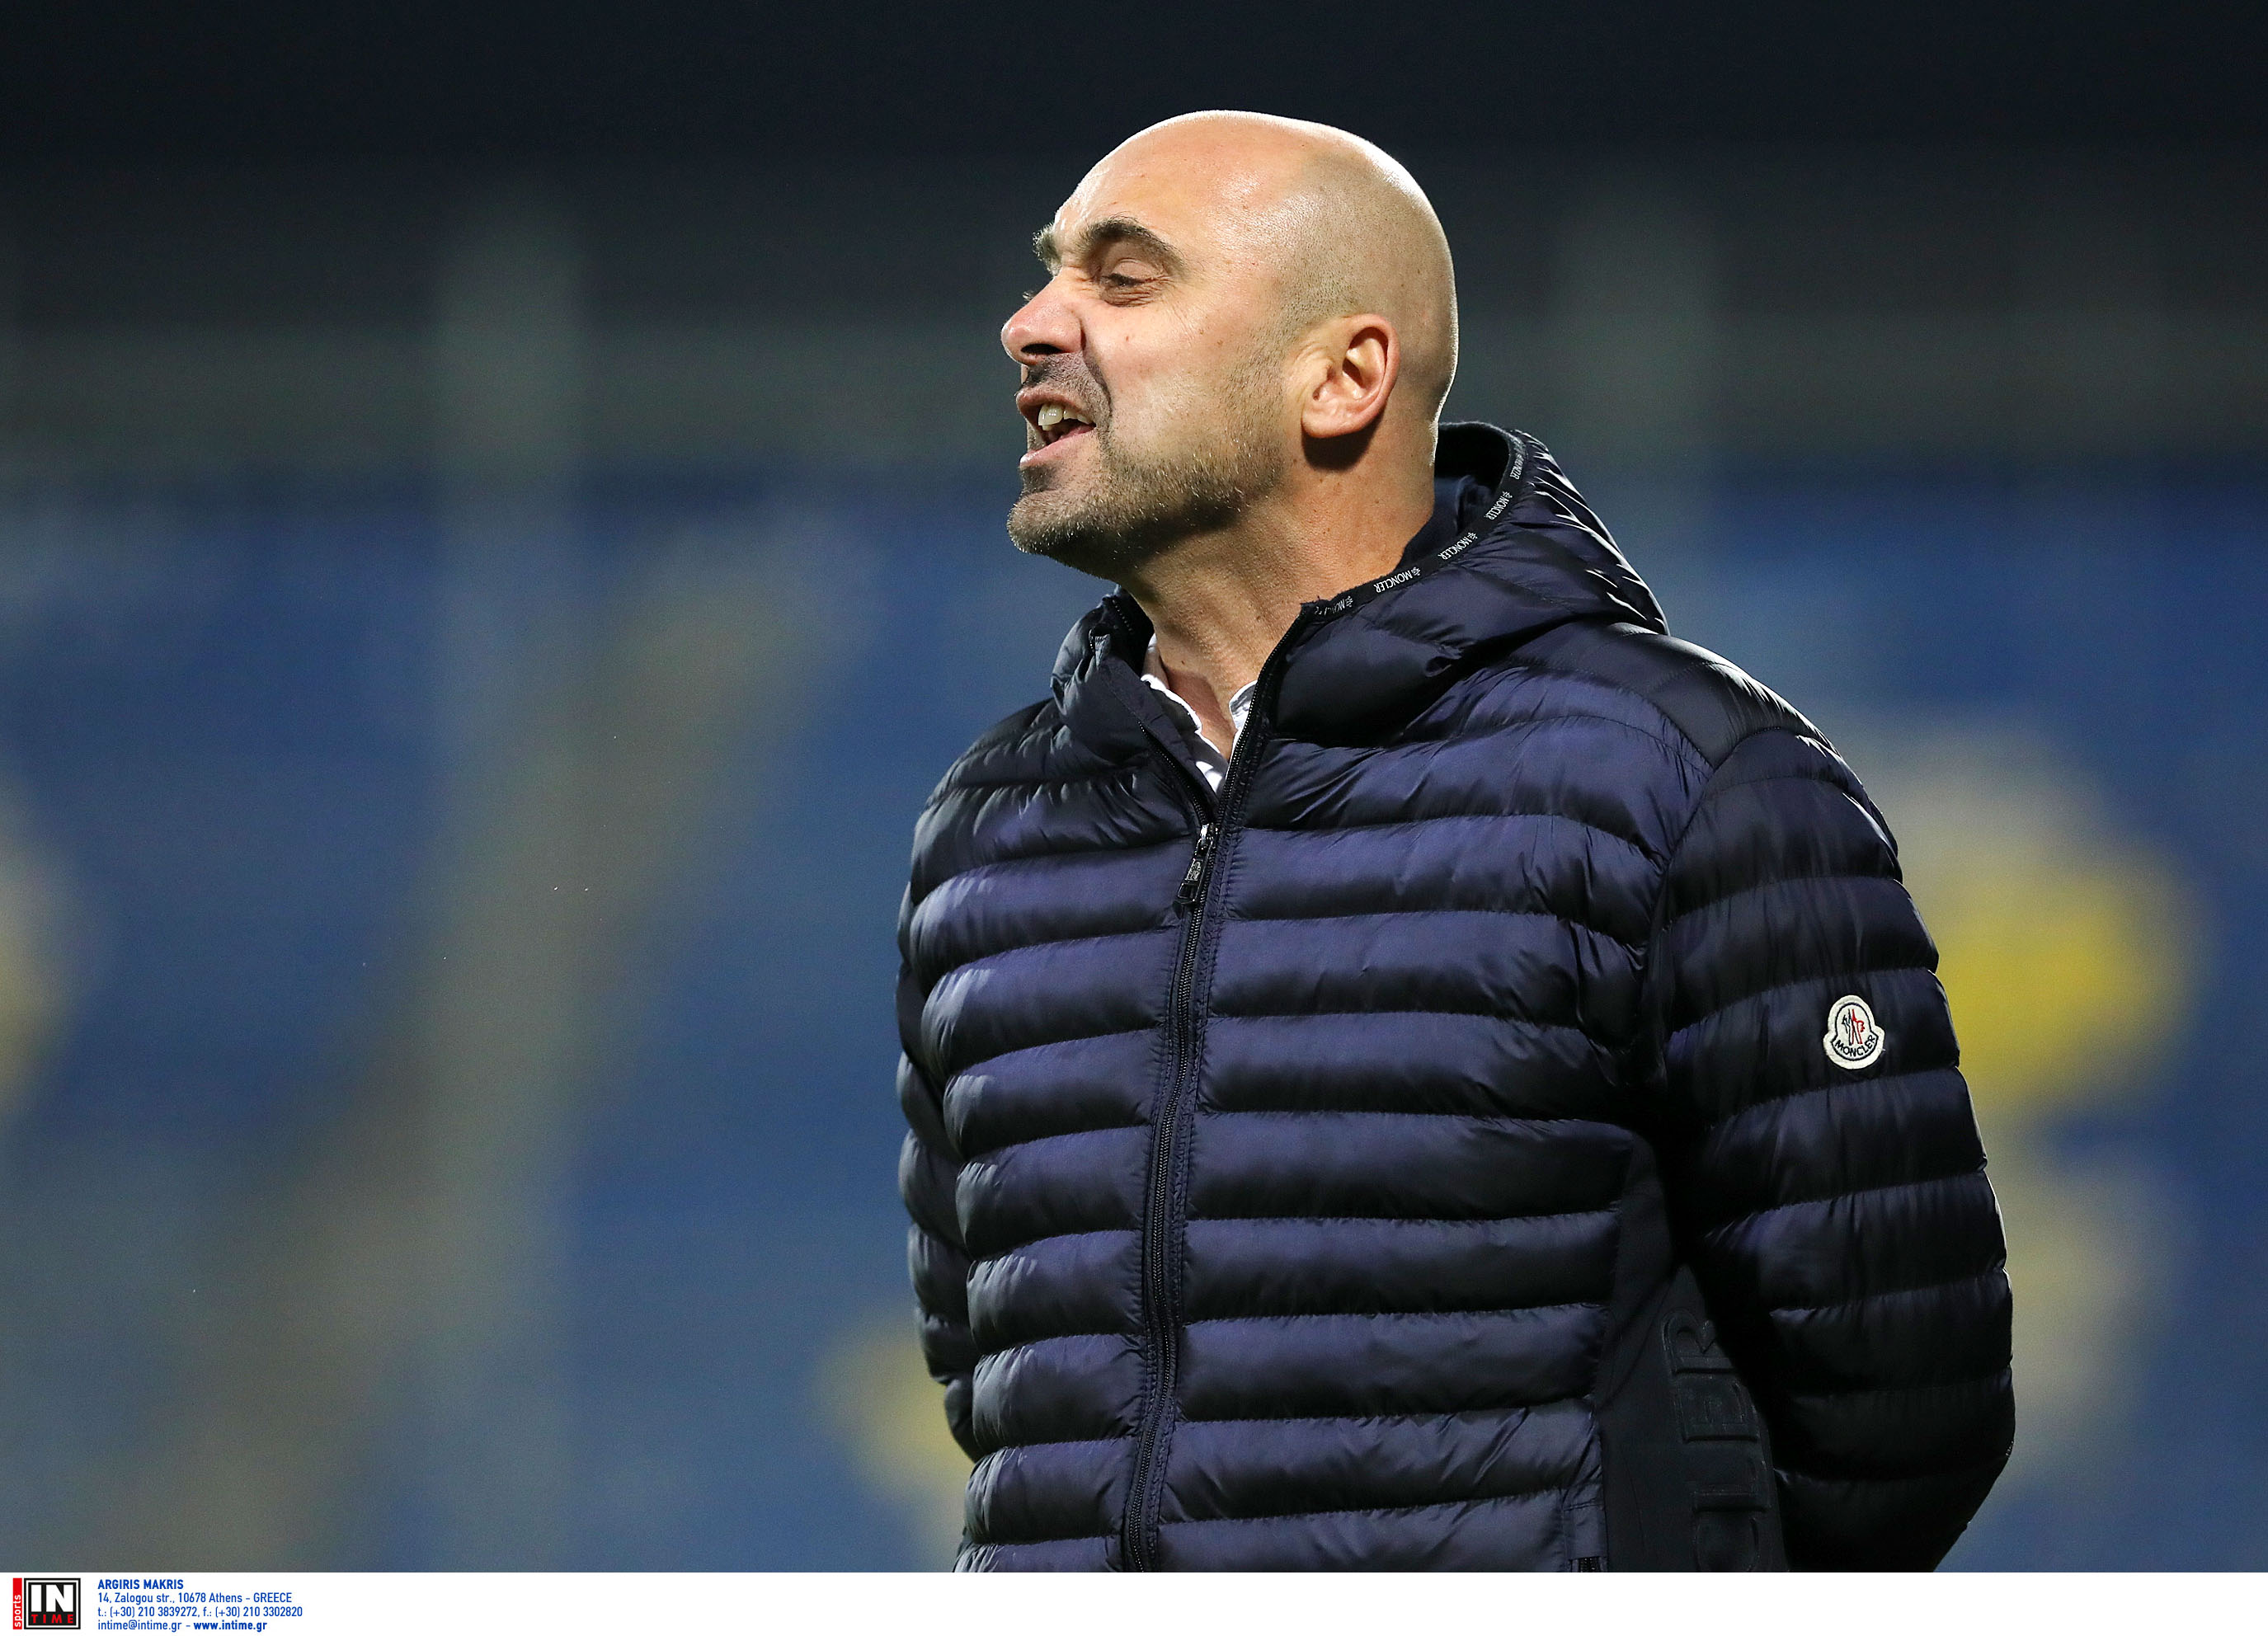 Αστέρας Τρίπολης: Νέος προπονητής ο Ράσταβατς!